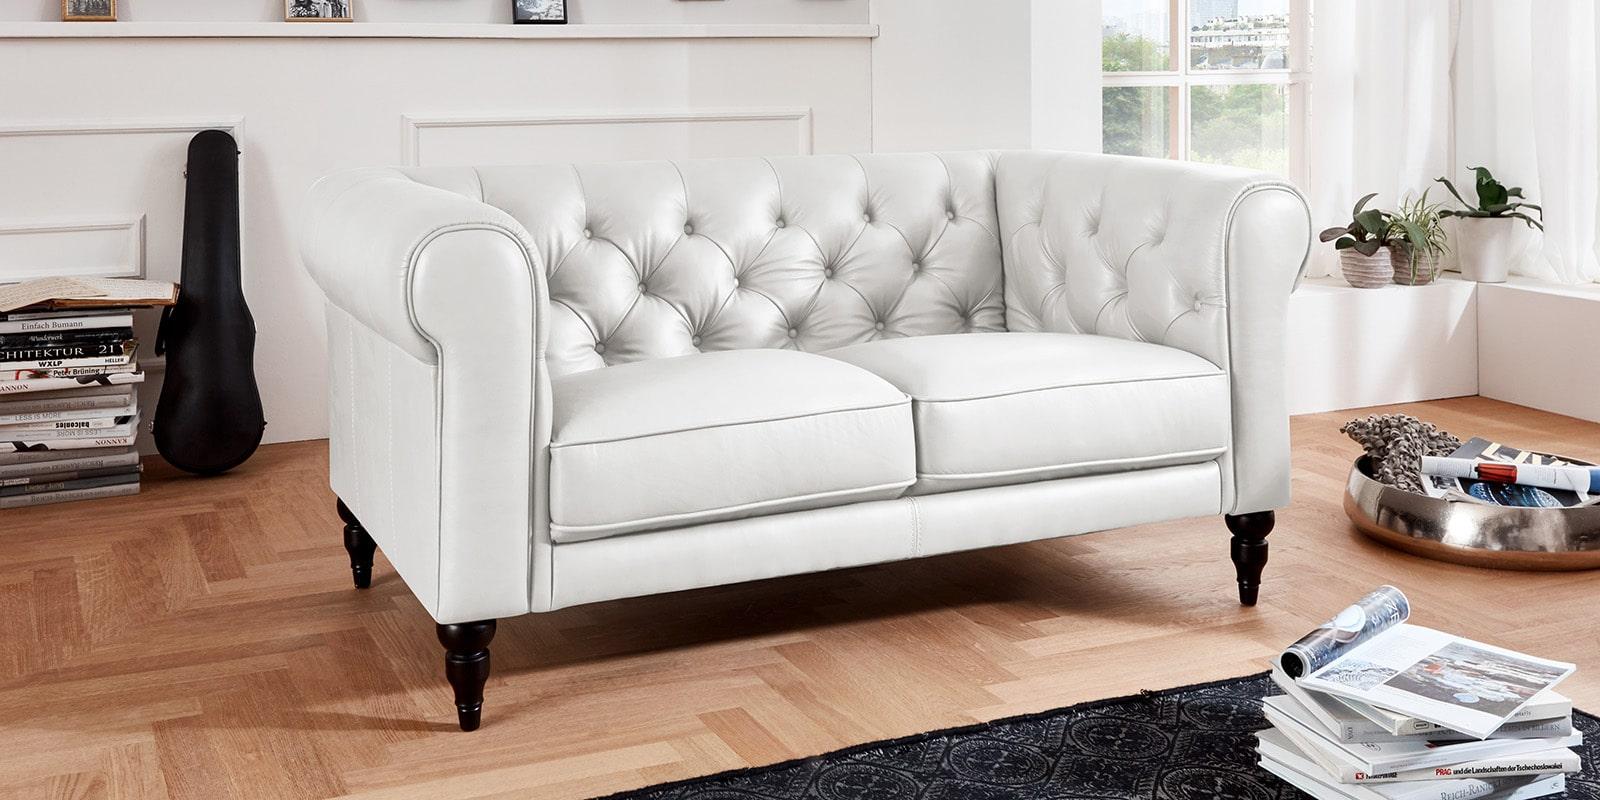 Moebella24 - 2-Sitzer - Sofa - Hudson - Chesterfield - Leder - Weiß - Dekorative - Nähte - und - Versteppungen - Barock-Design - Füße